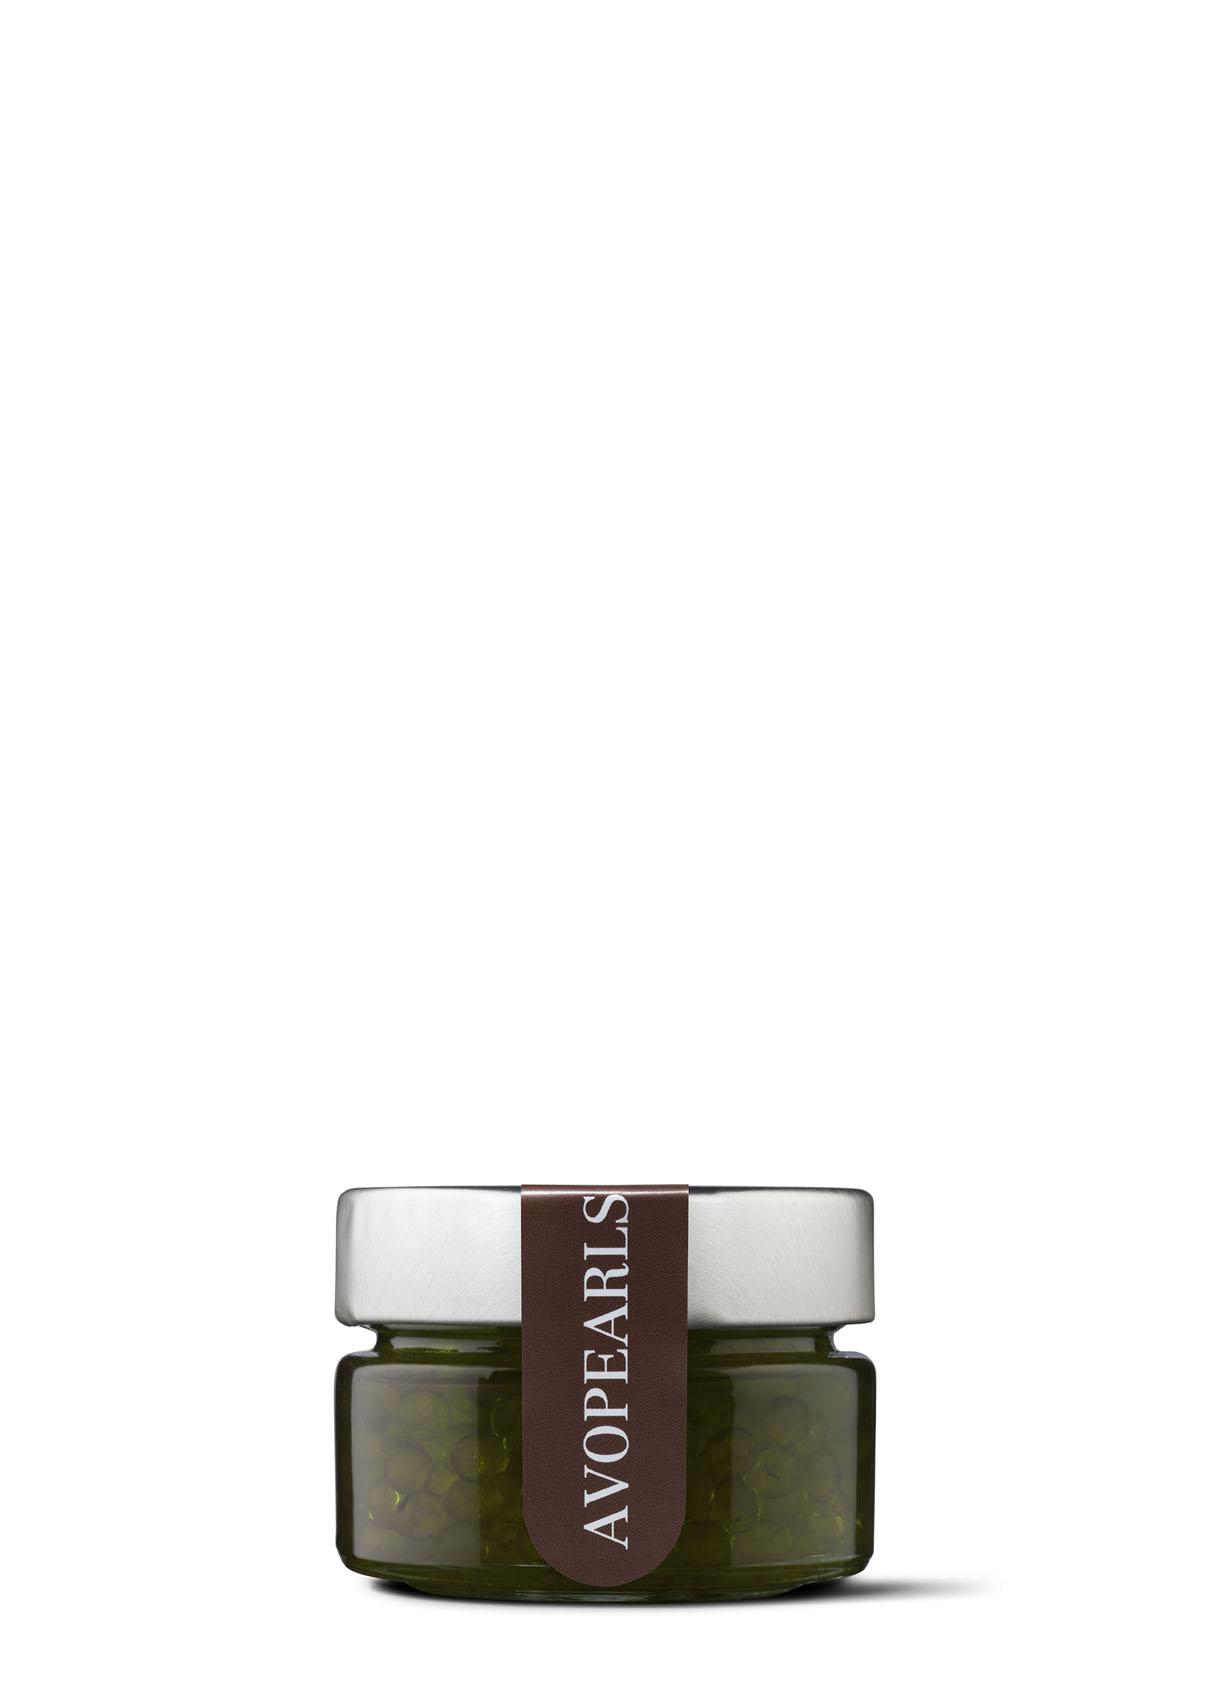 avoperlas-perseus-producto